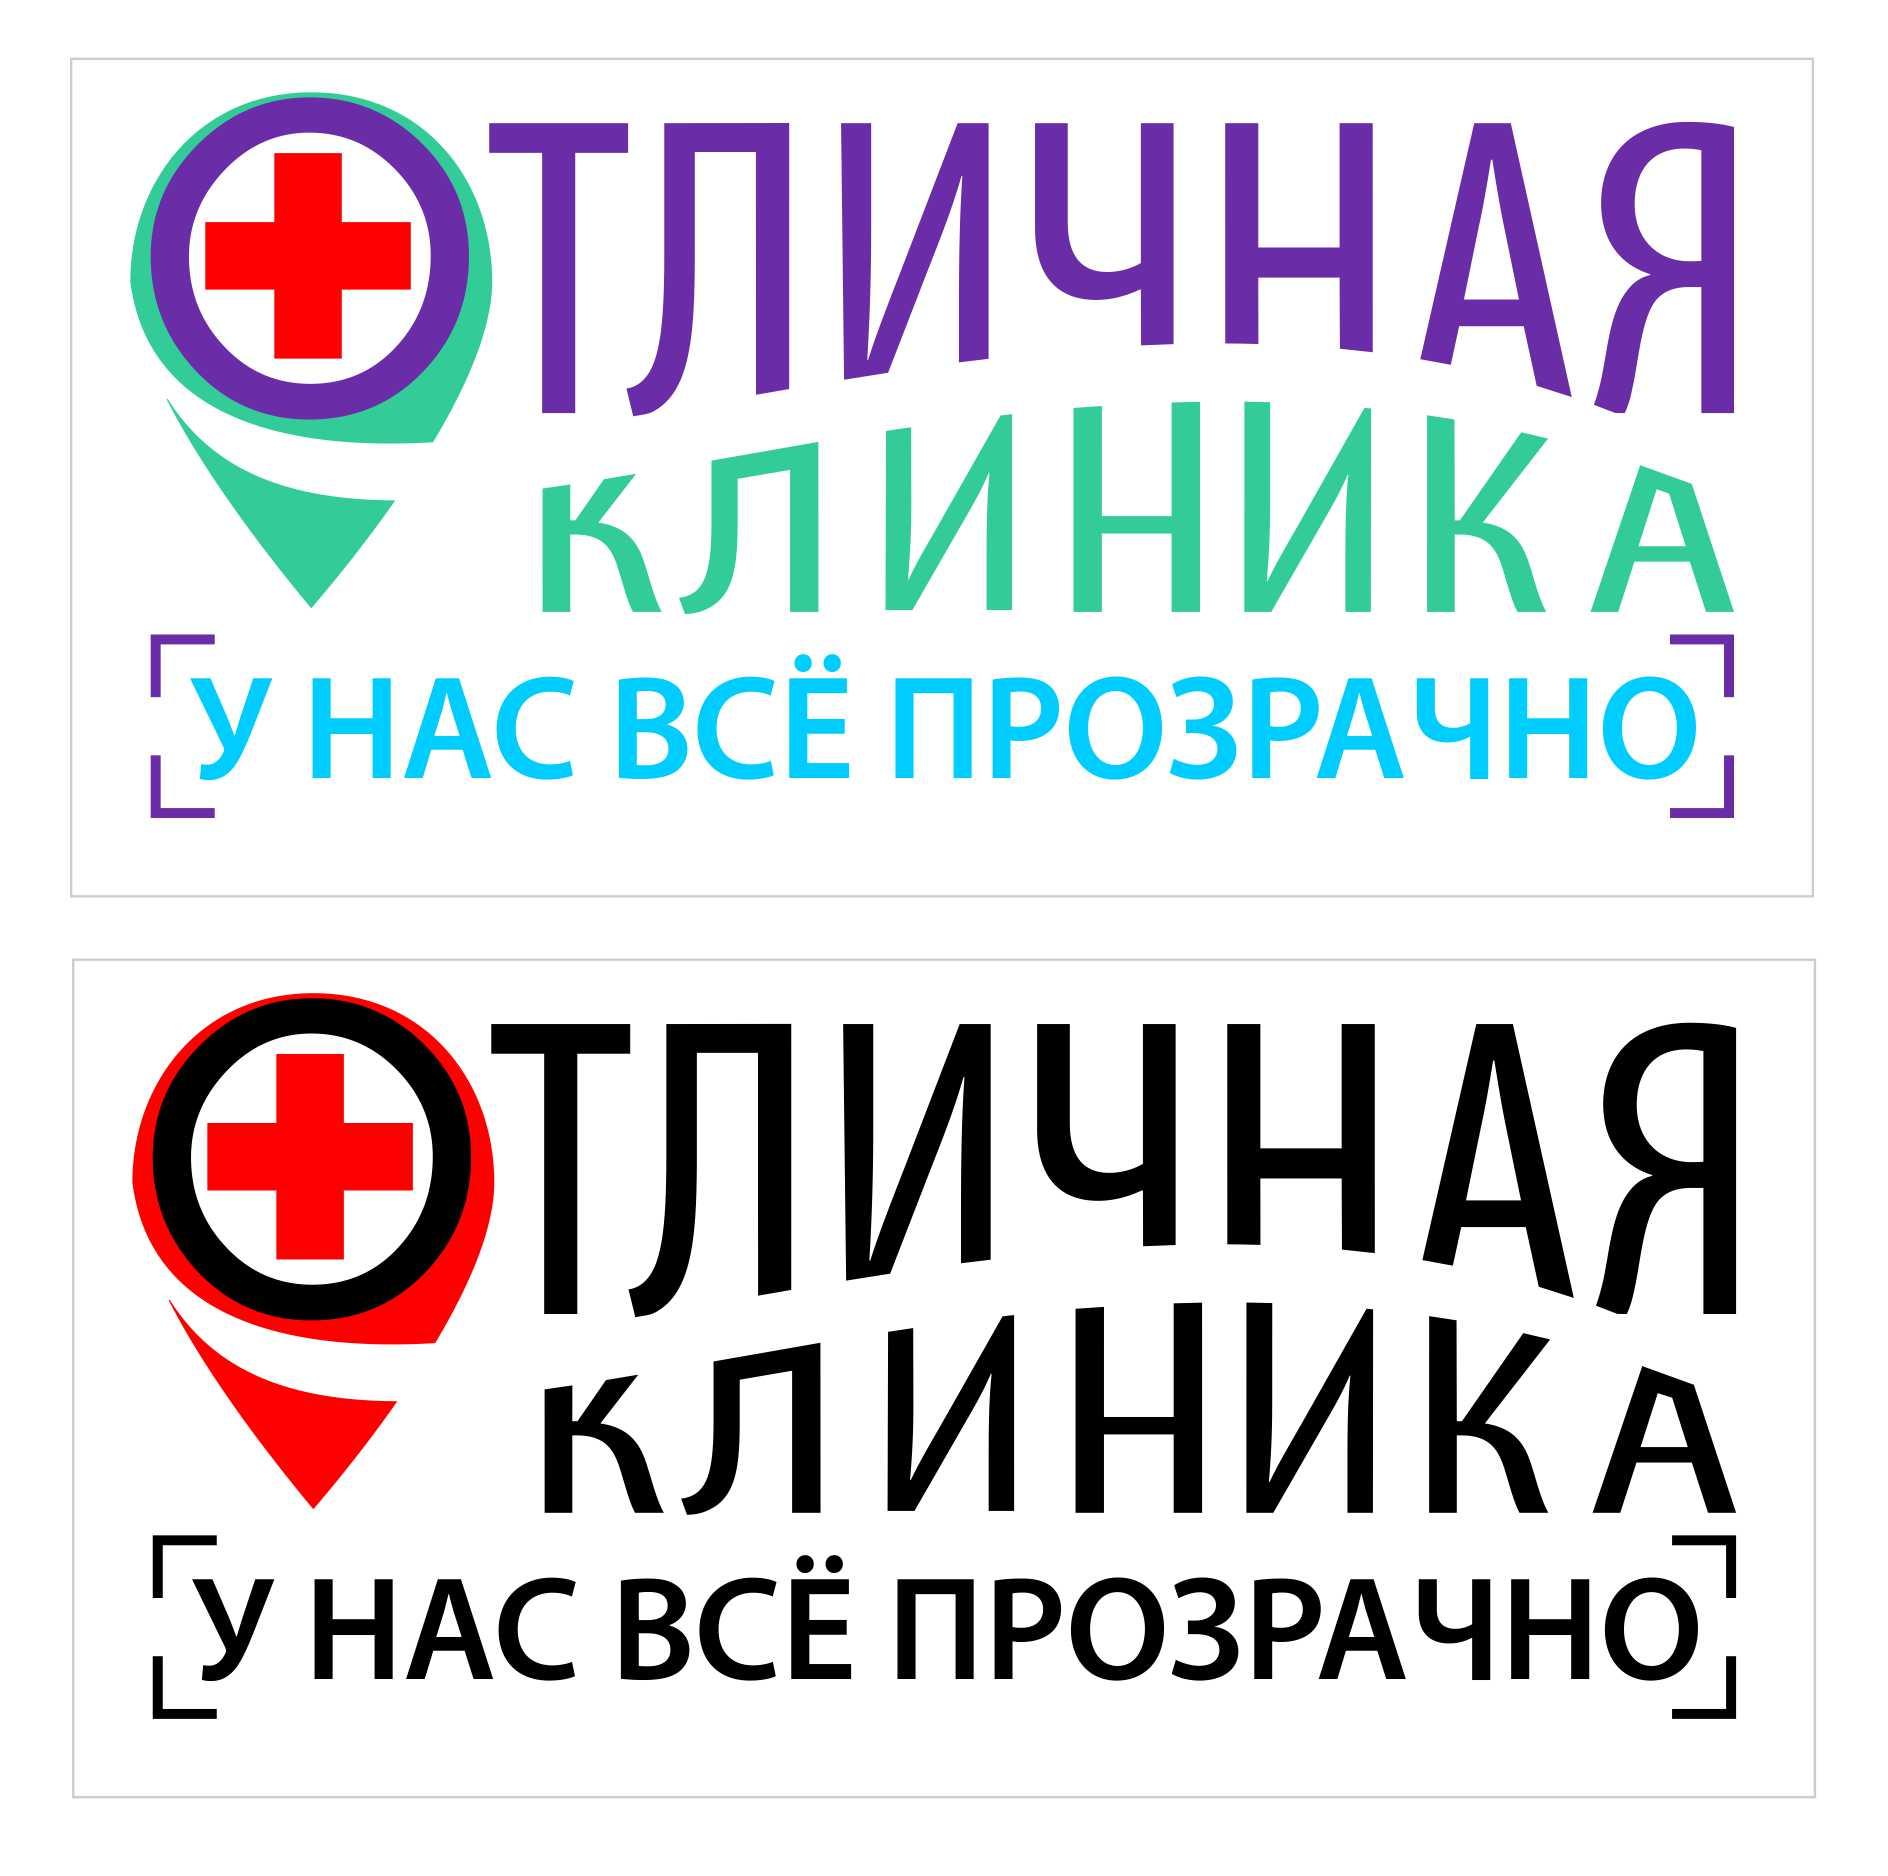 Логотип и фирменный стиль частной клиники фото f_1185c901d5347e50.jpg